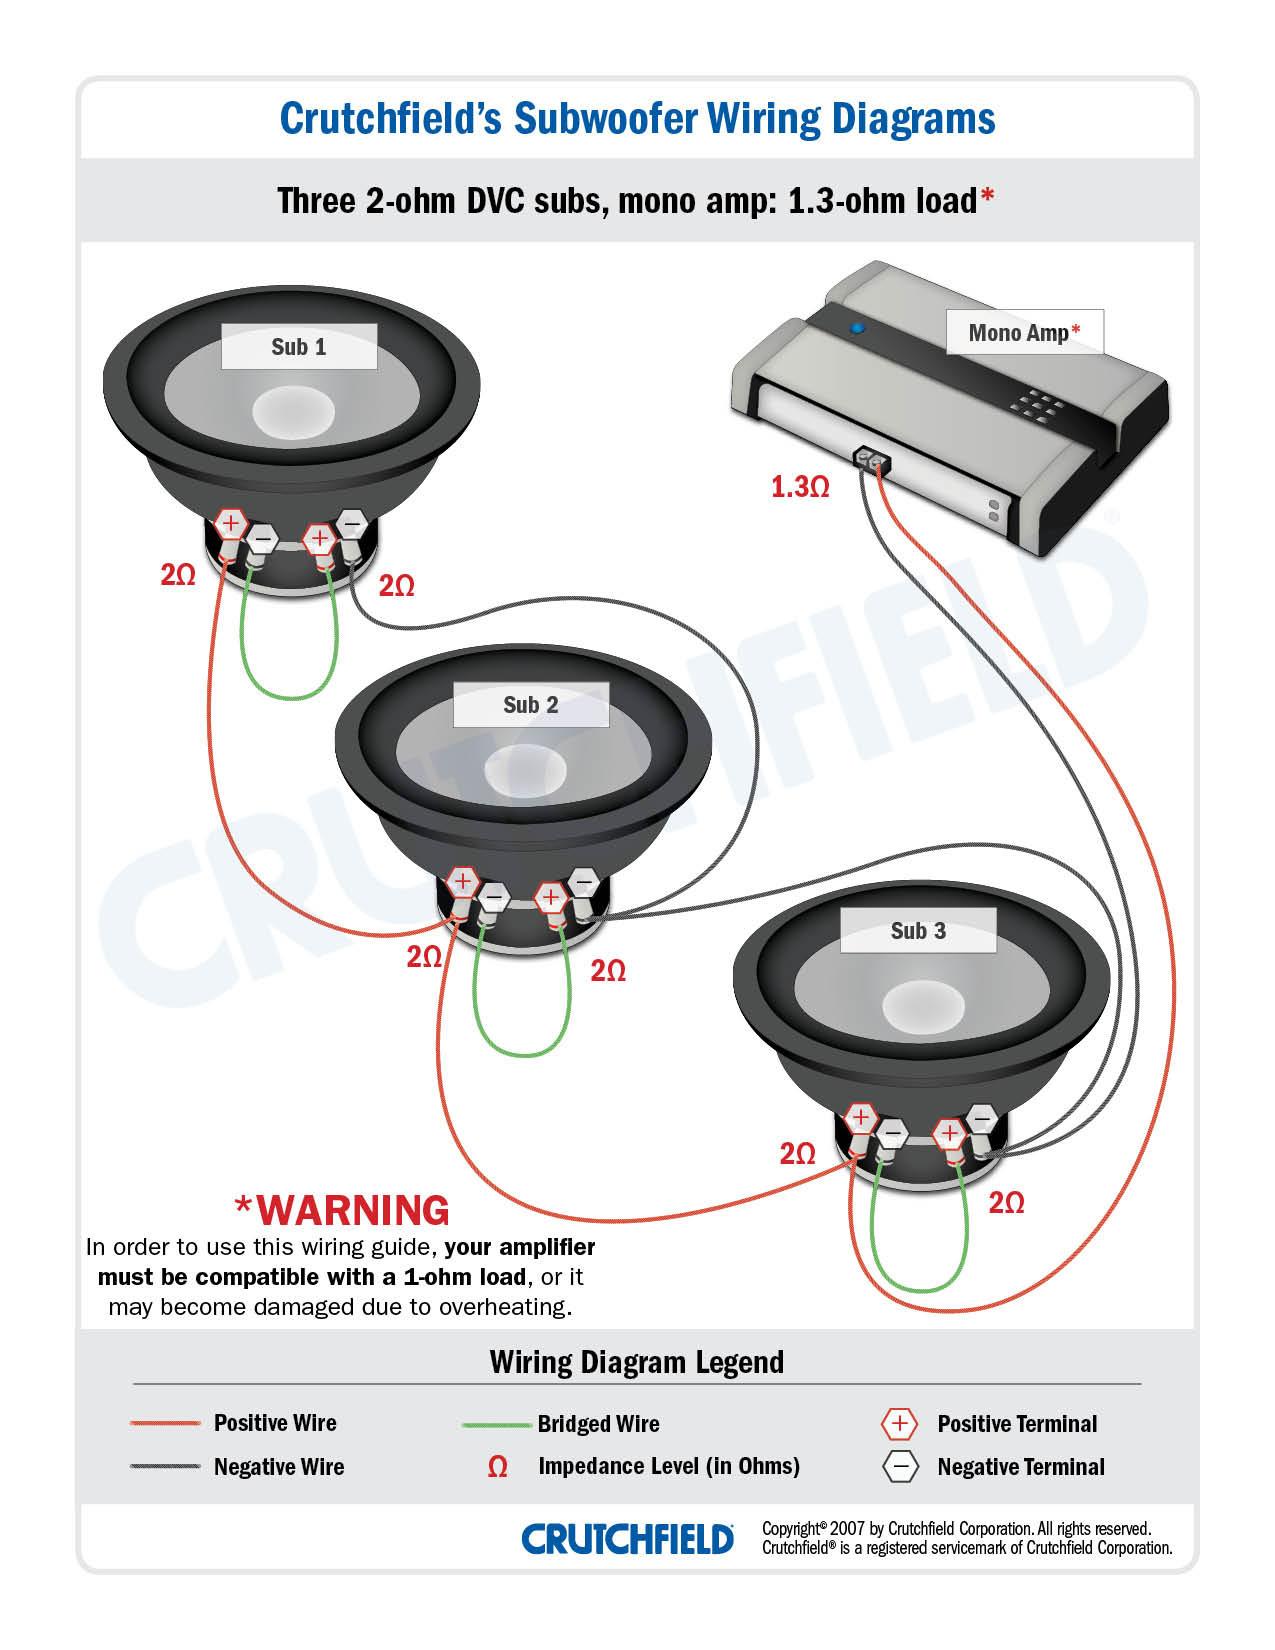 Subwoofer Wiring Diagram Dual 4 Ohm Fresh Subwoofer Wiring Diagrams - Subwoofer Wiring Diagram Dual 4 Ohm